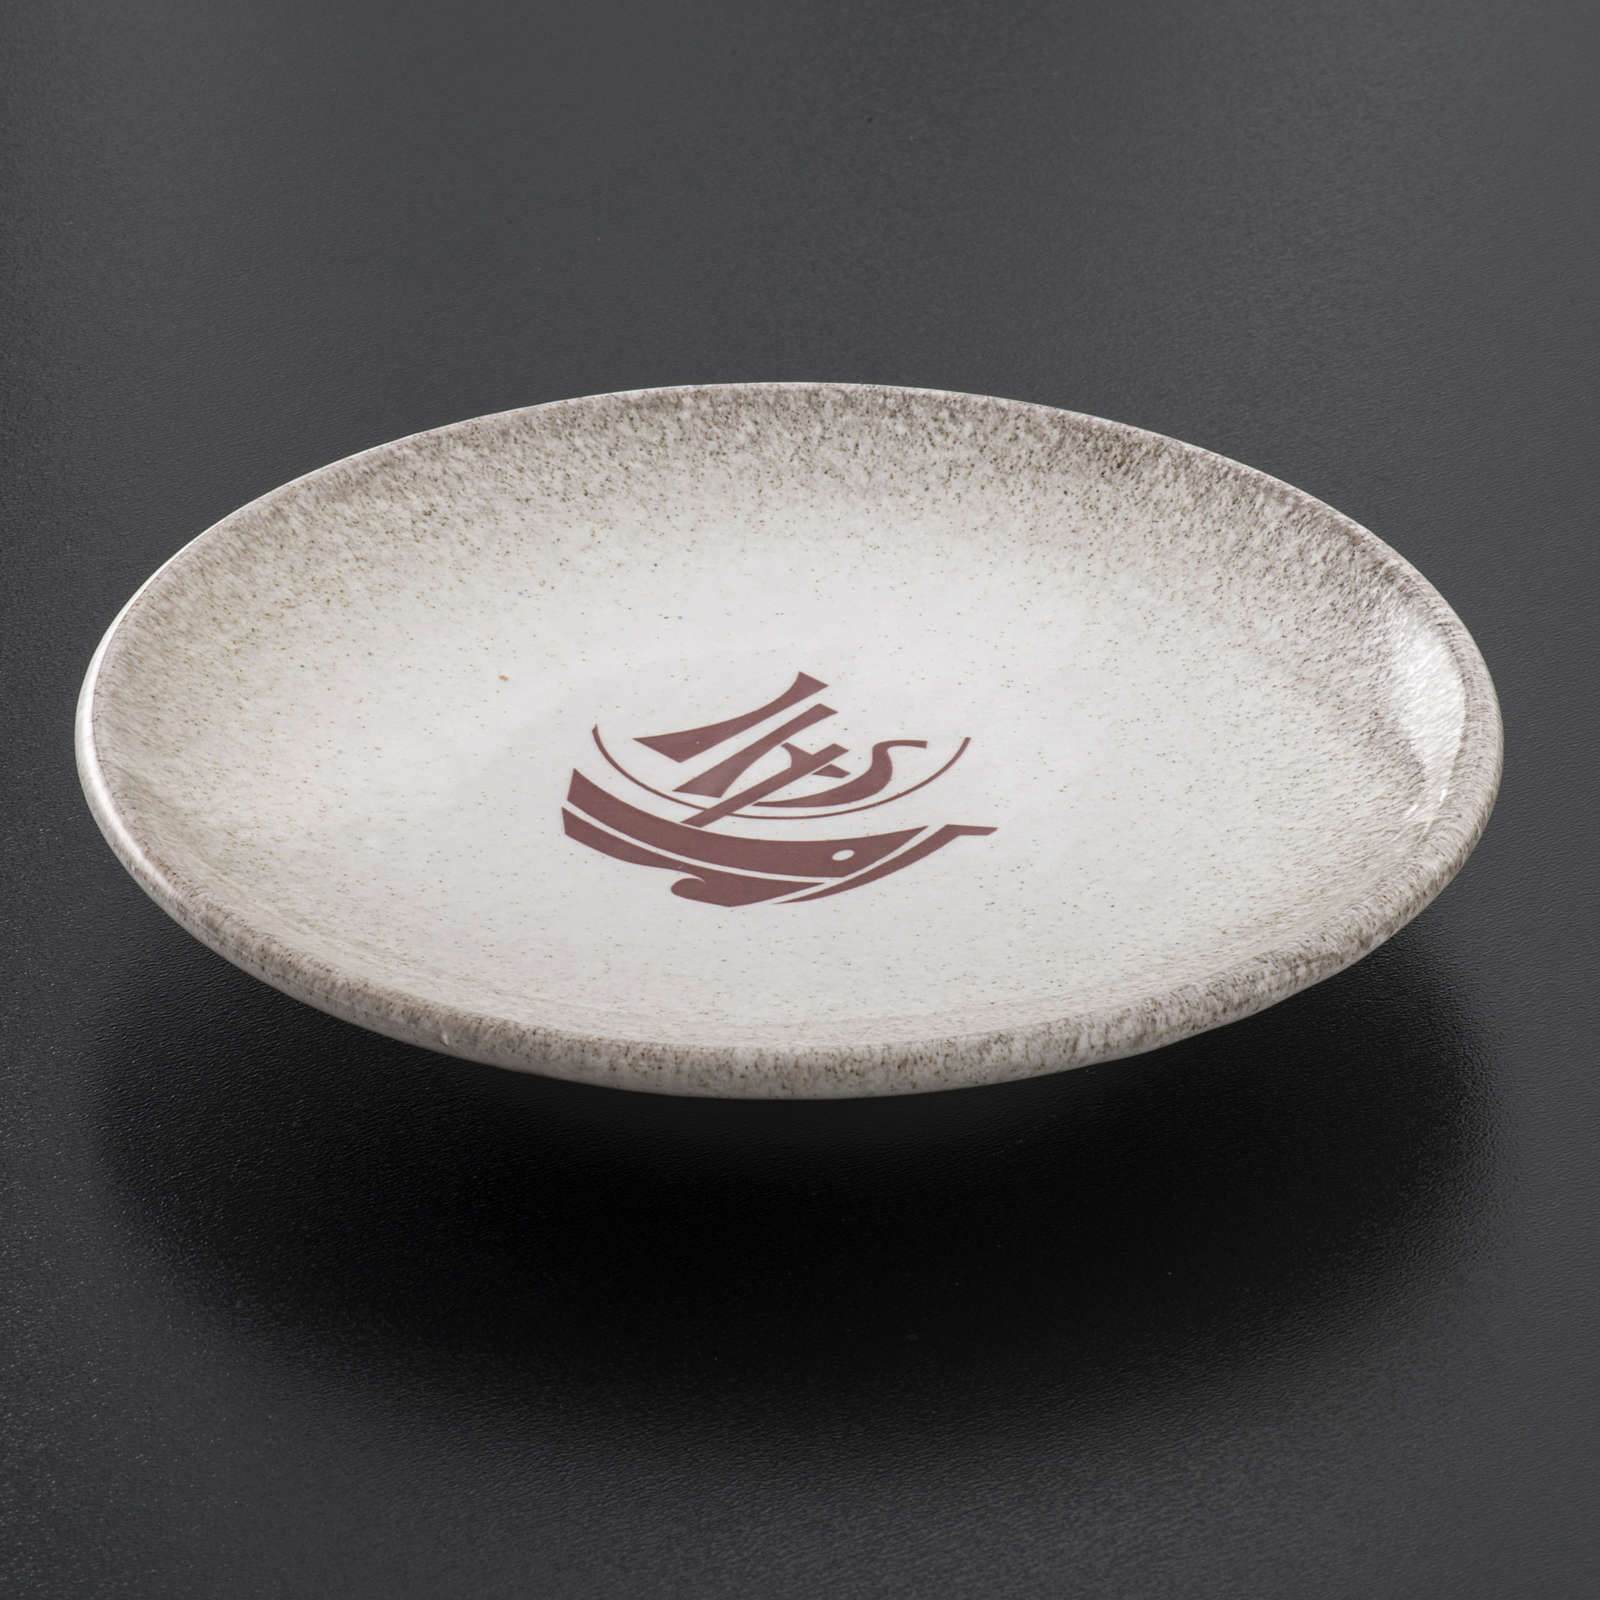 STOCK Piattino copri calice ceramica perla Anno Fede 4